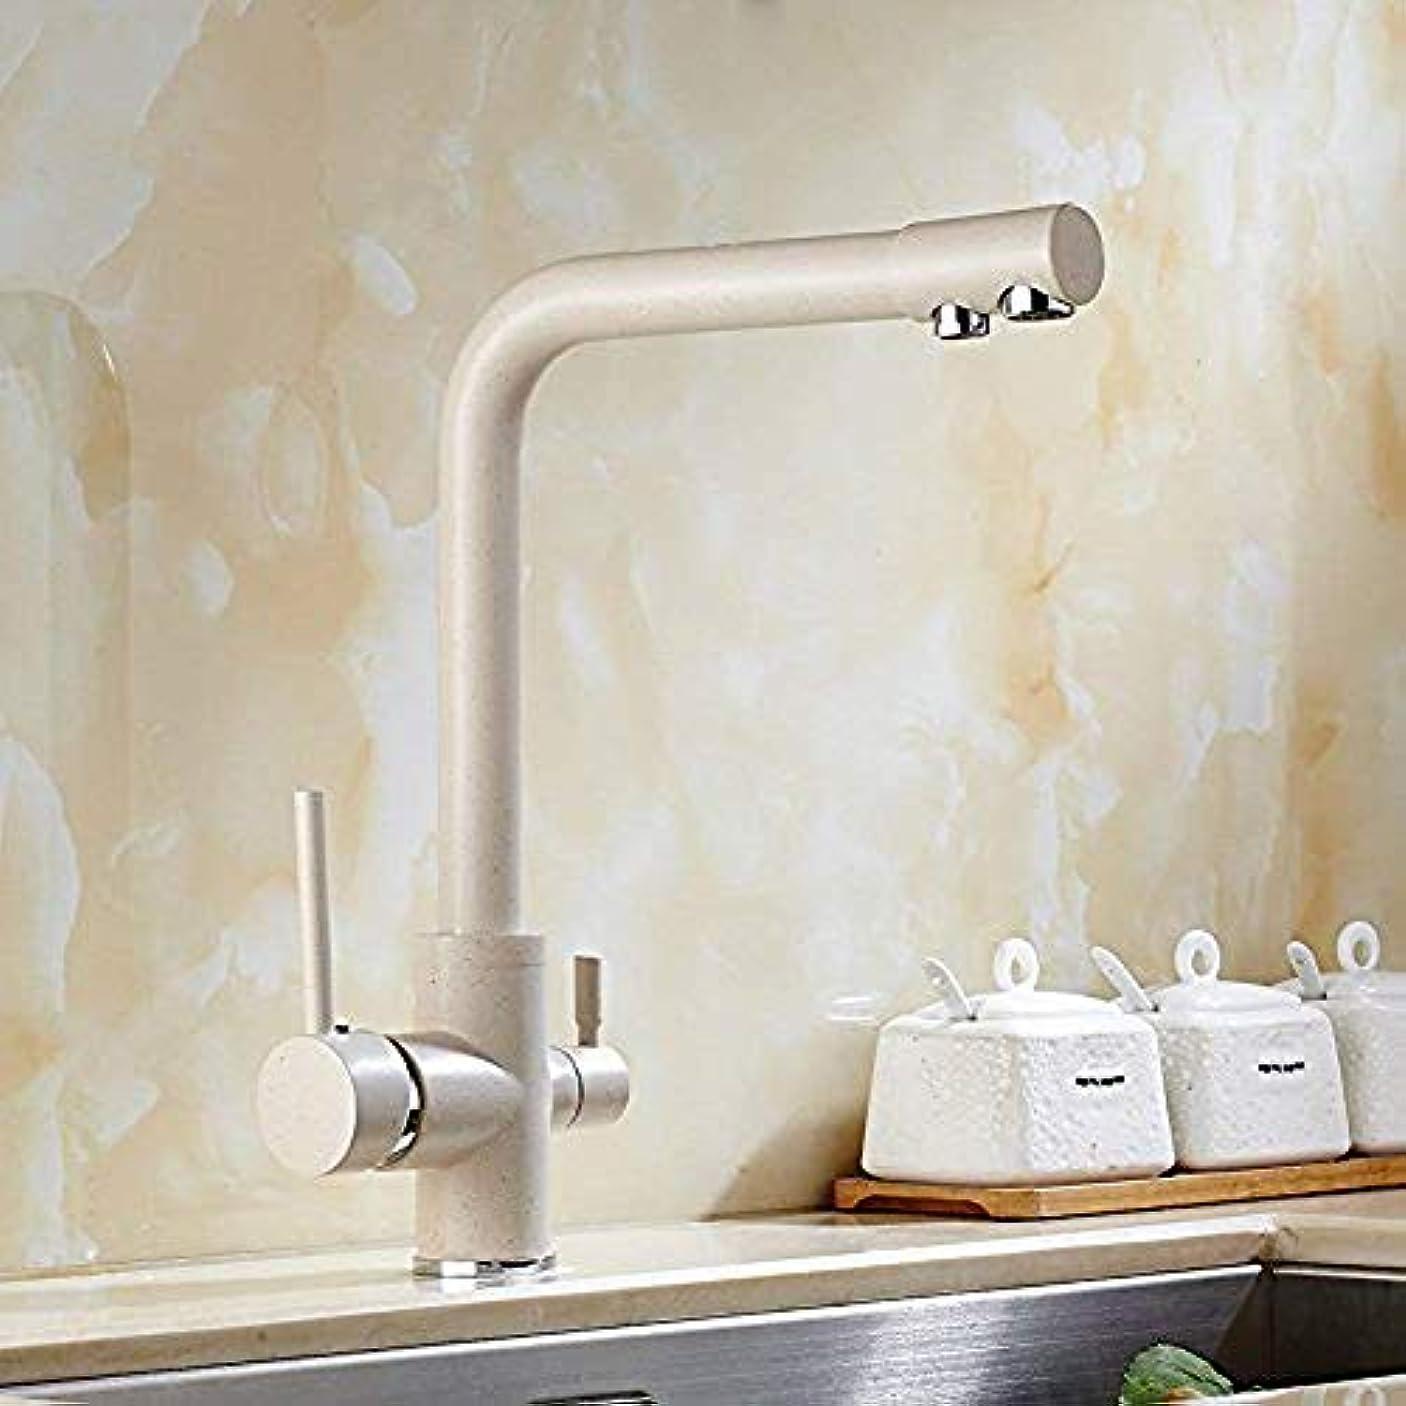 主流多数のクルーオーツクォーツ色回転冷たい水道銅キッチンシンク水道水コンディショナーを備えたキッチンをタップブラスキッチンバスルームシンクミキサータップ nyfcc